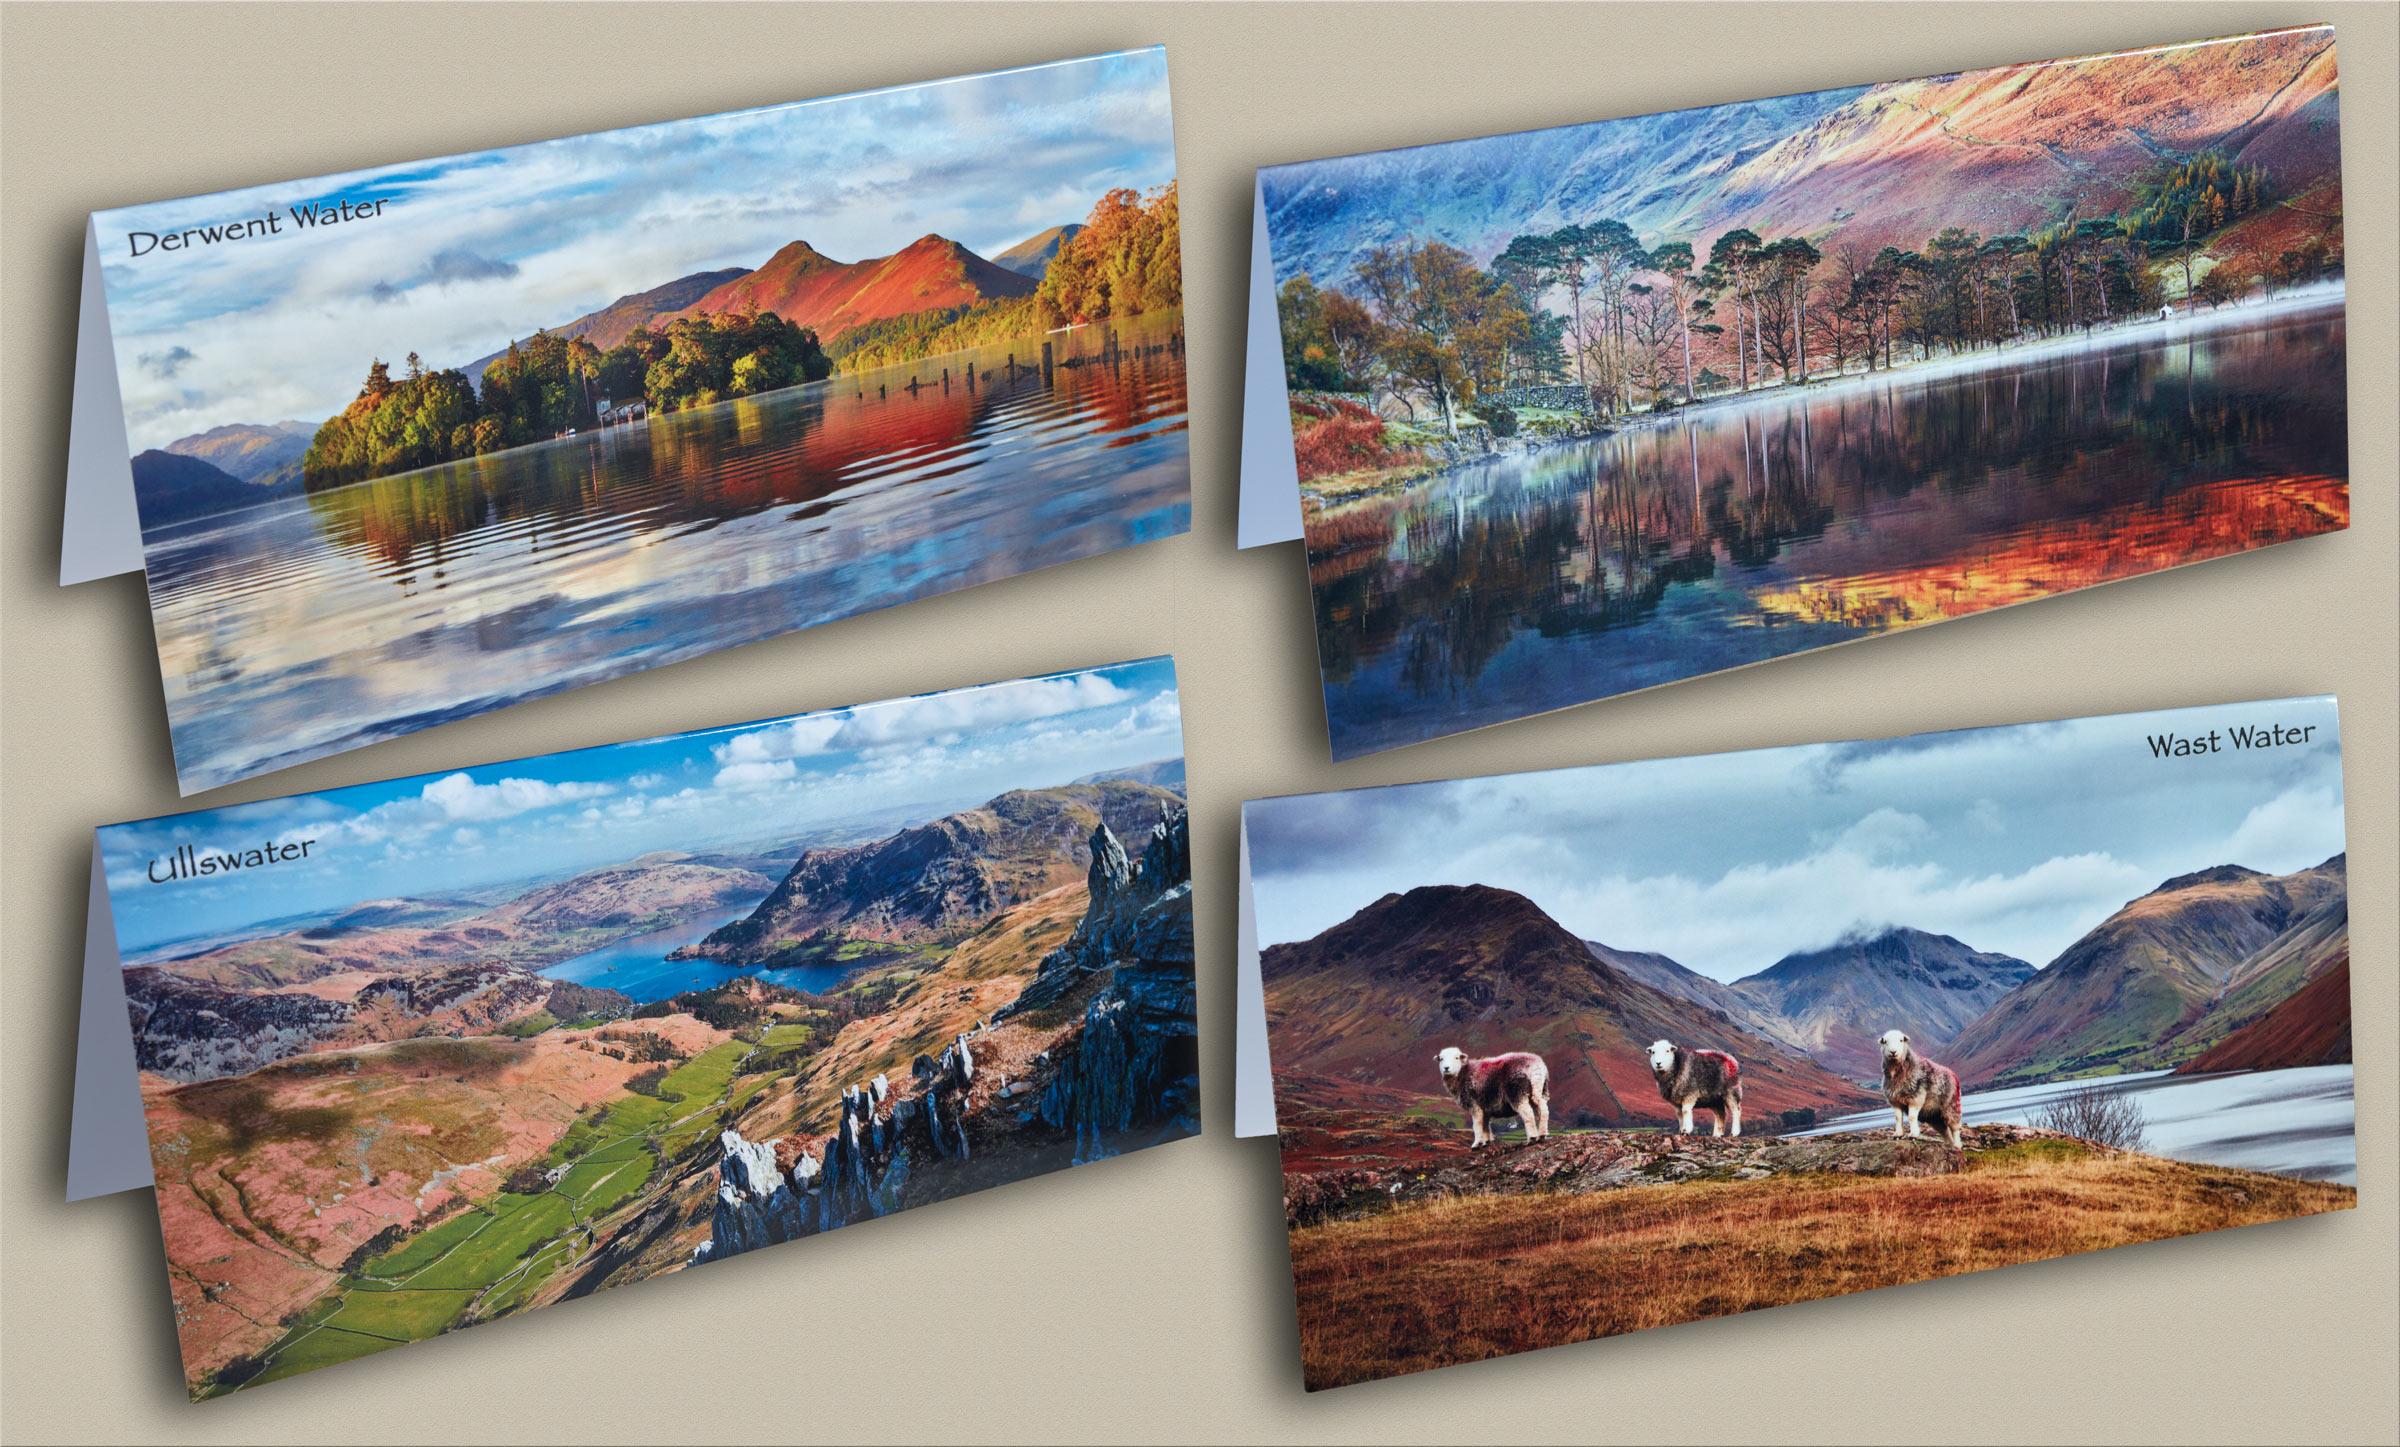 Derwent Water Panorama Canvas